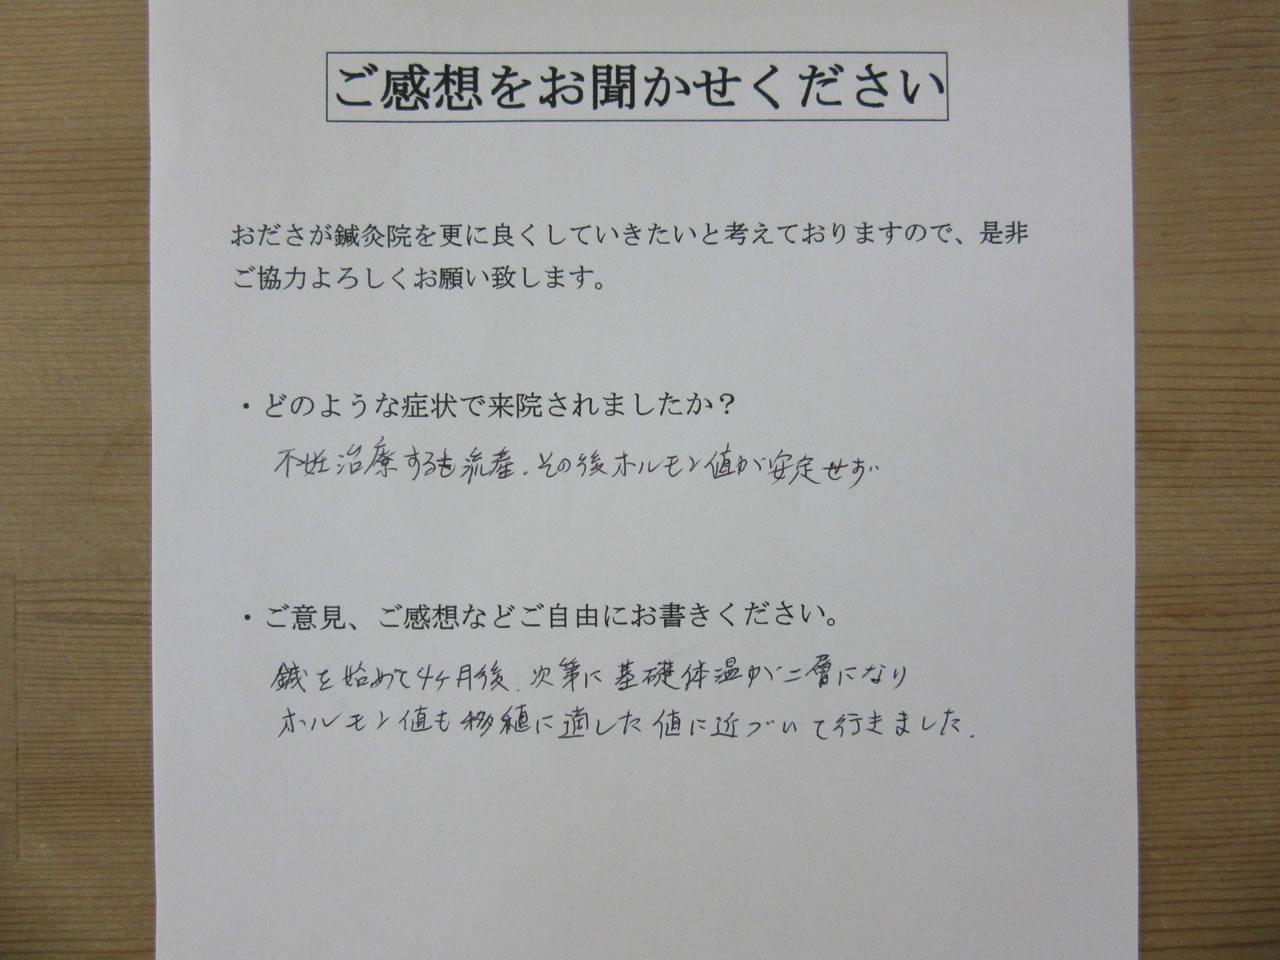 患者からの 手書き手紙 専業主婦 婦人科系疾患